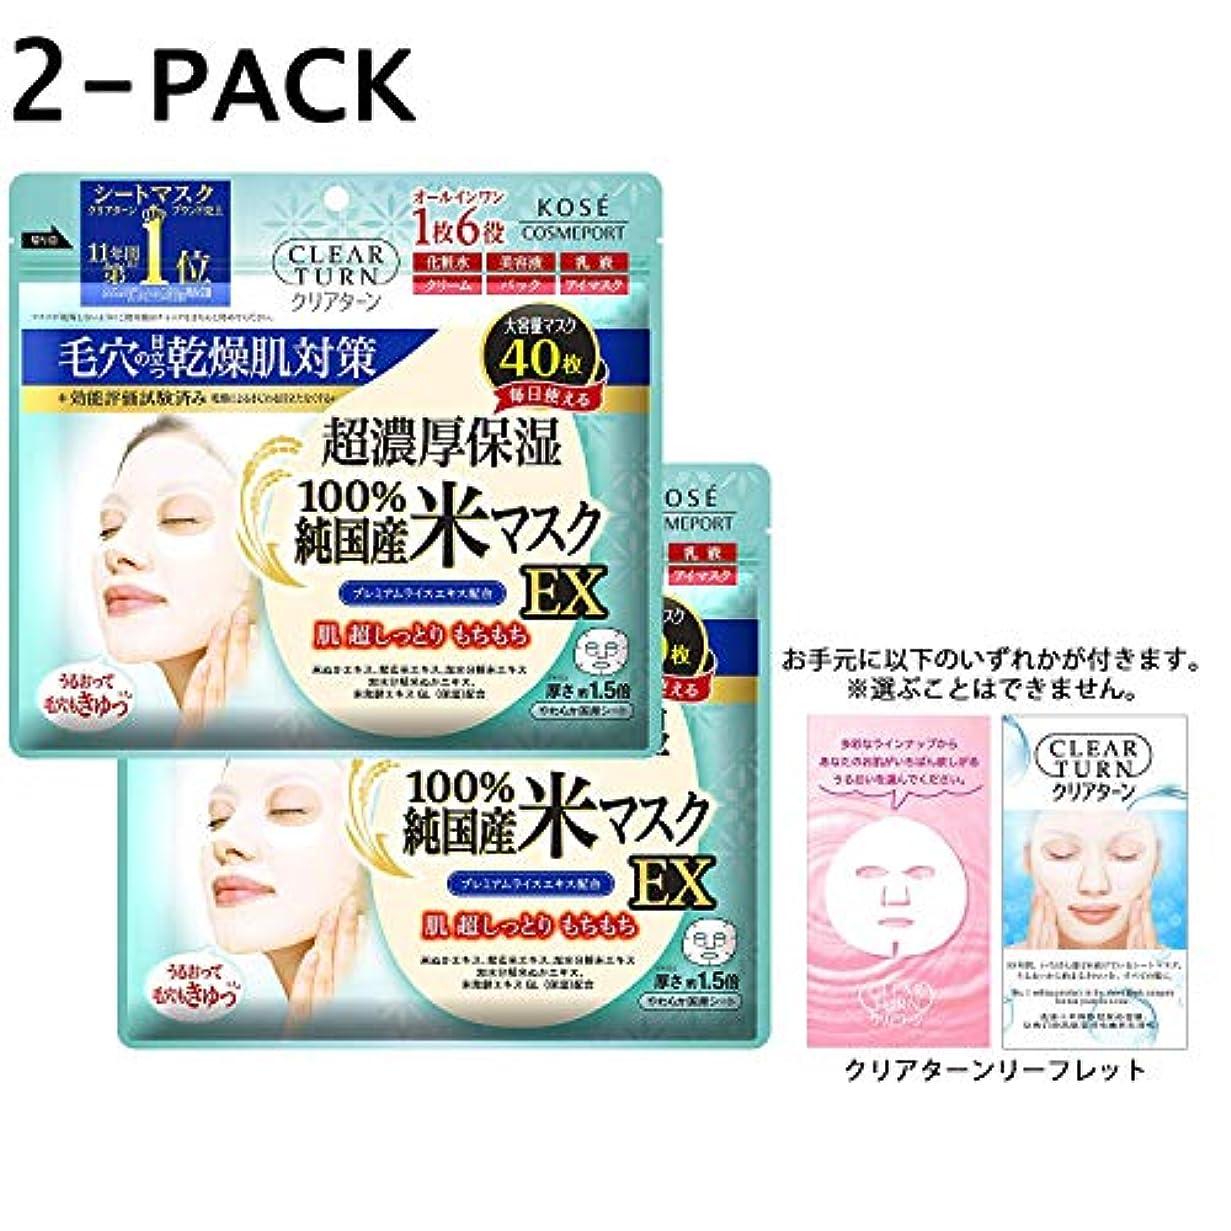 肉暫定の保証【Amazon.co.jp限定】KOSE クリアターン 純国産米マスク EX 40枚入 2P+リーフレット付き